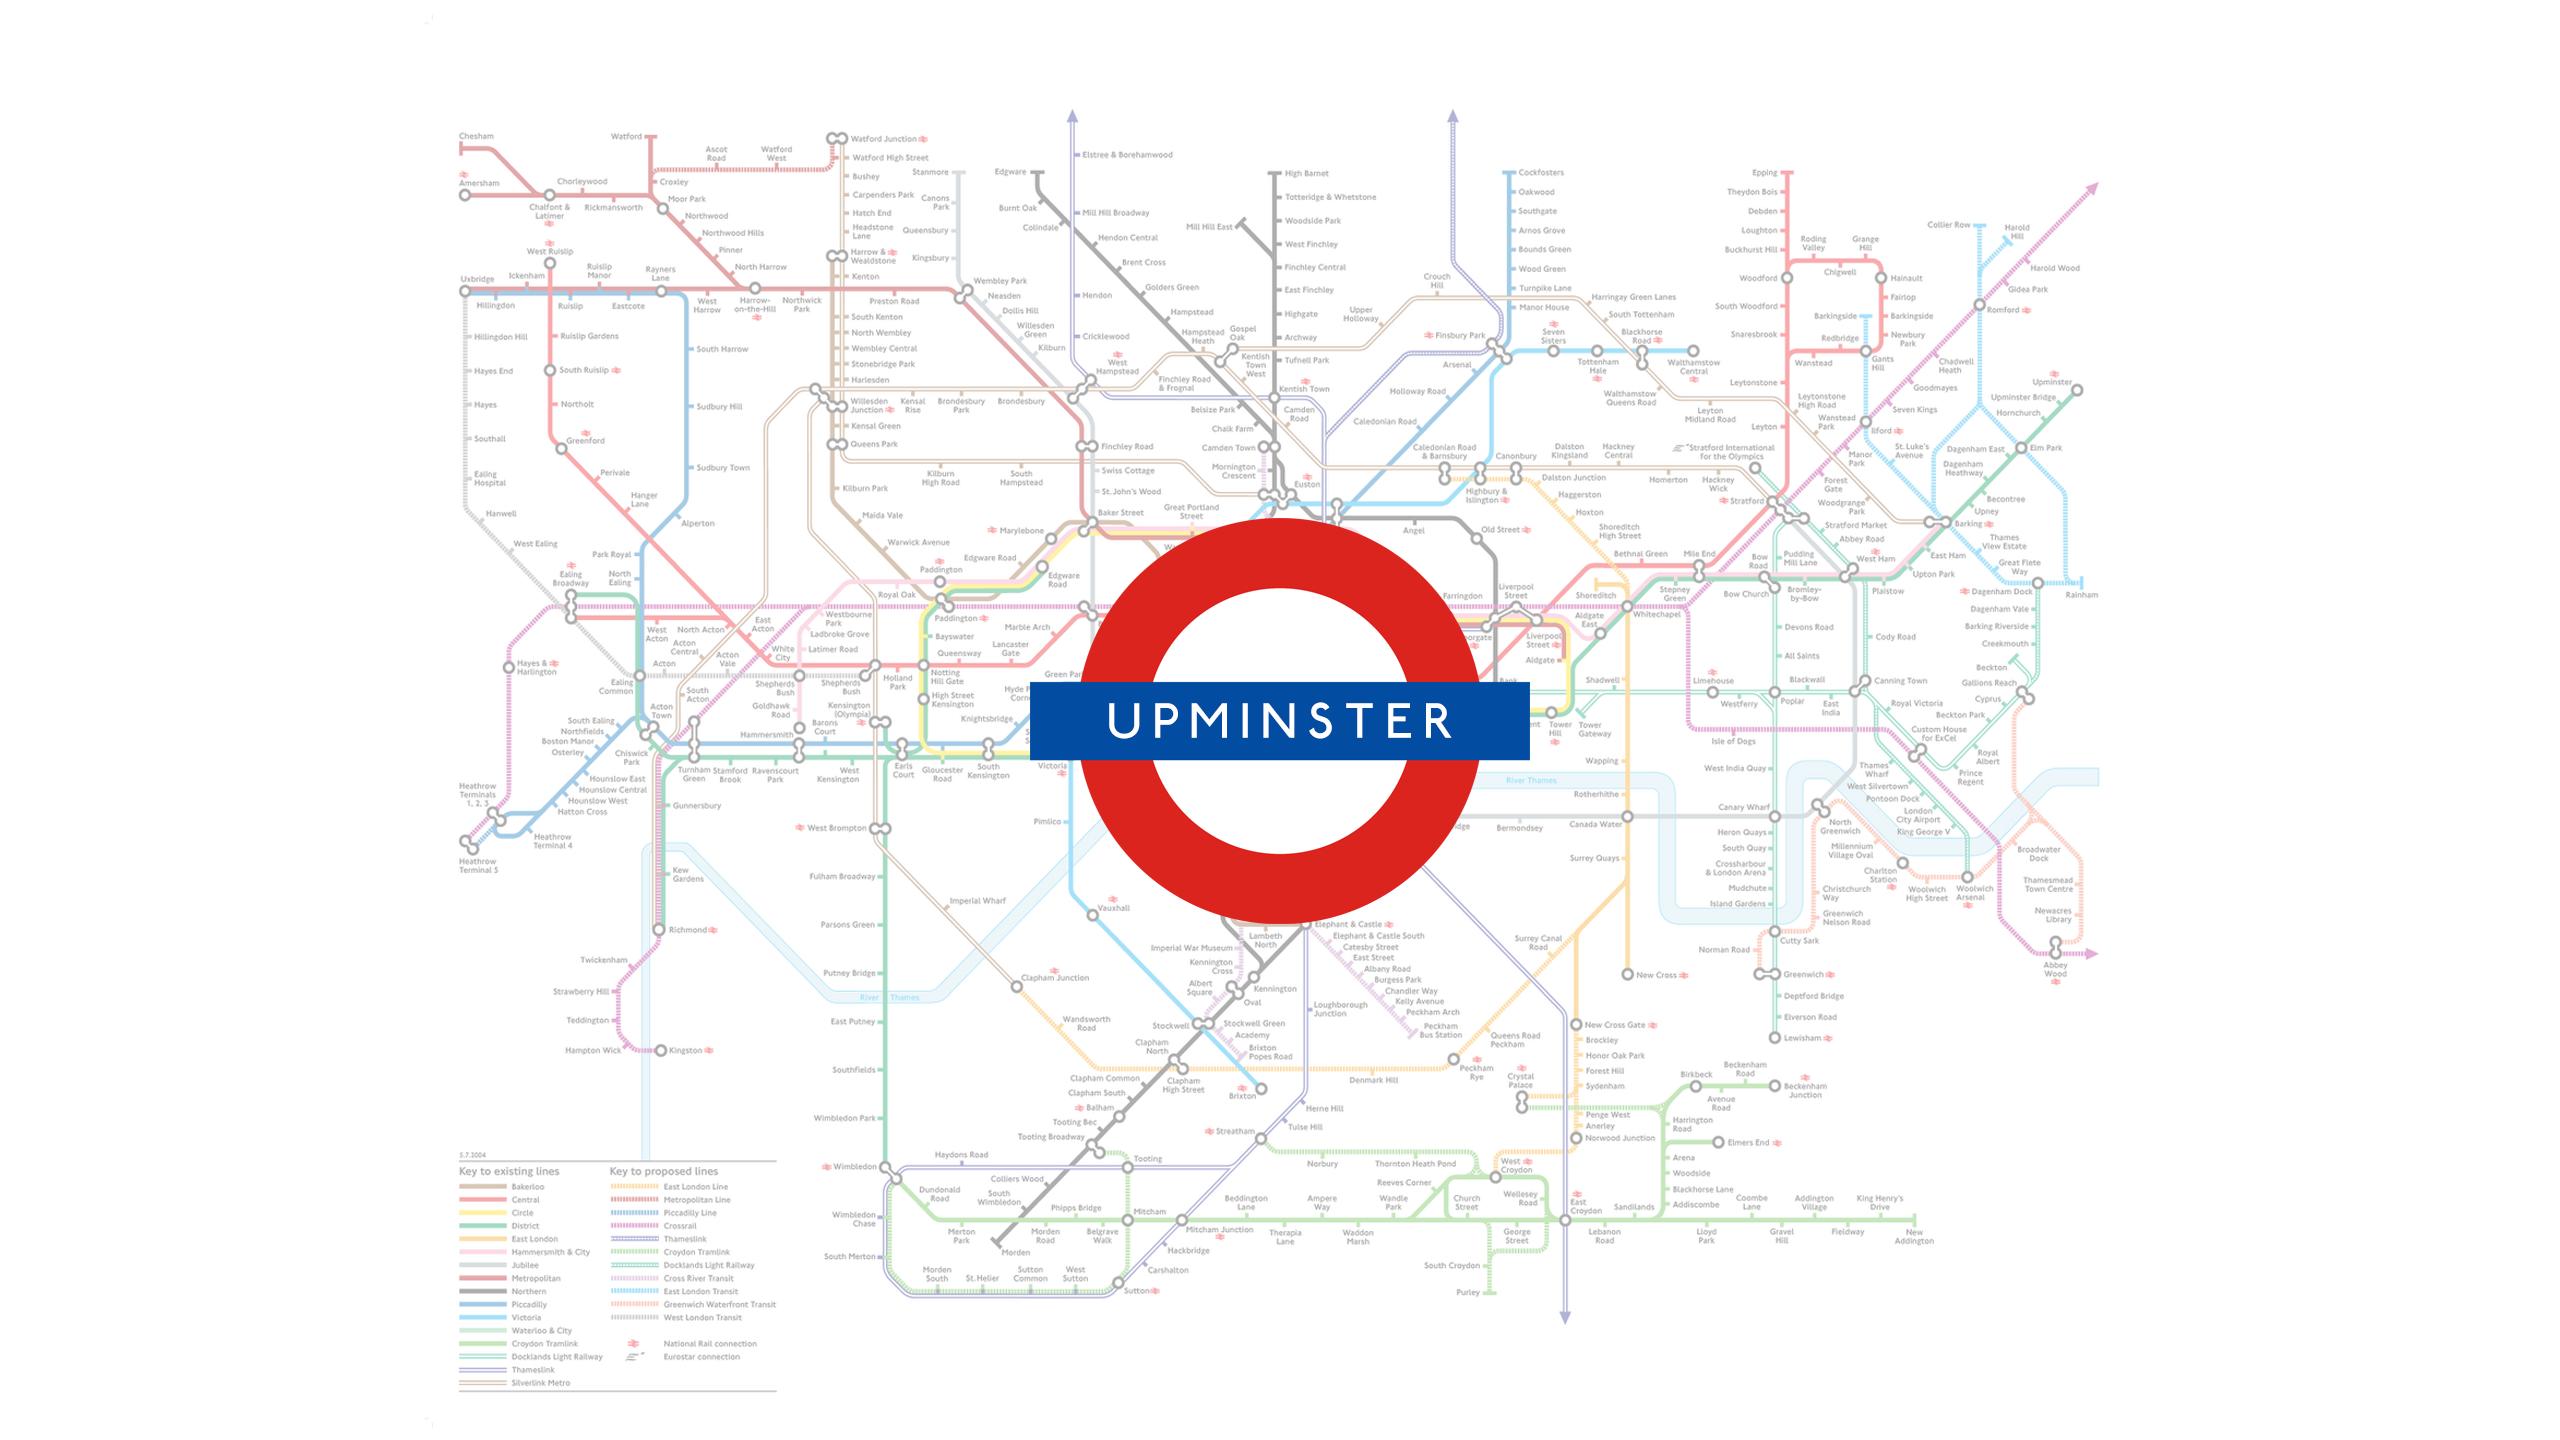 Upminster (Map)